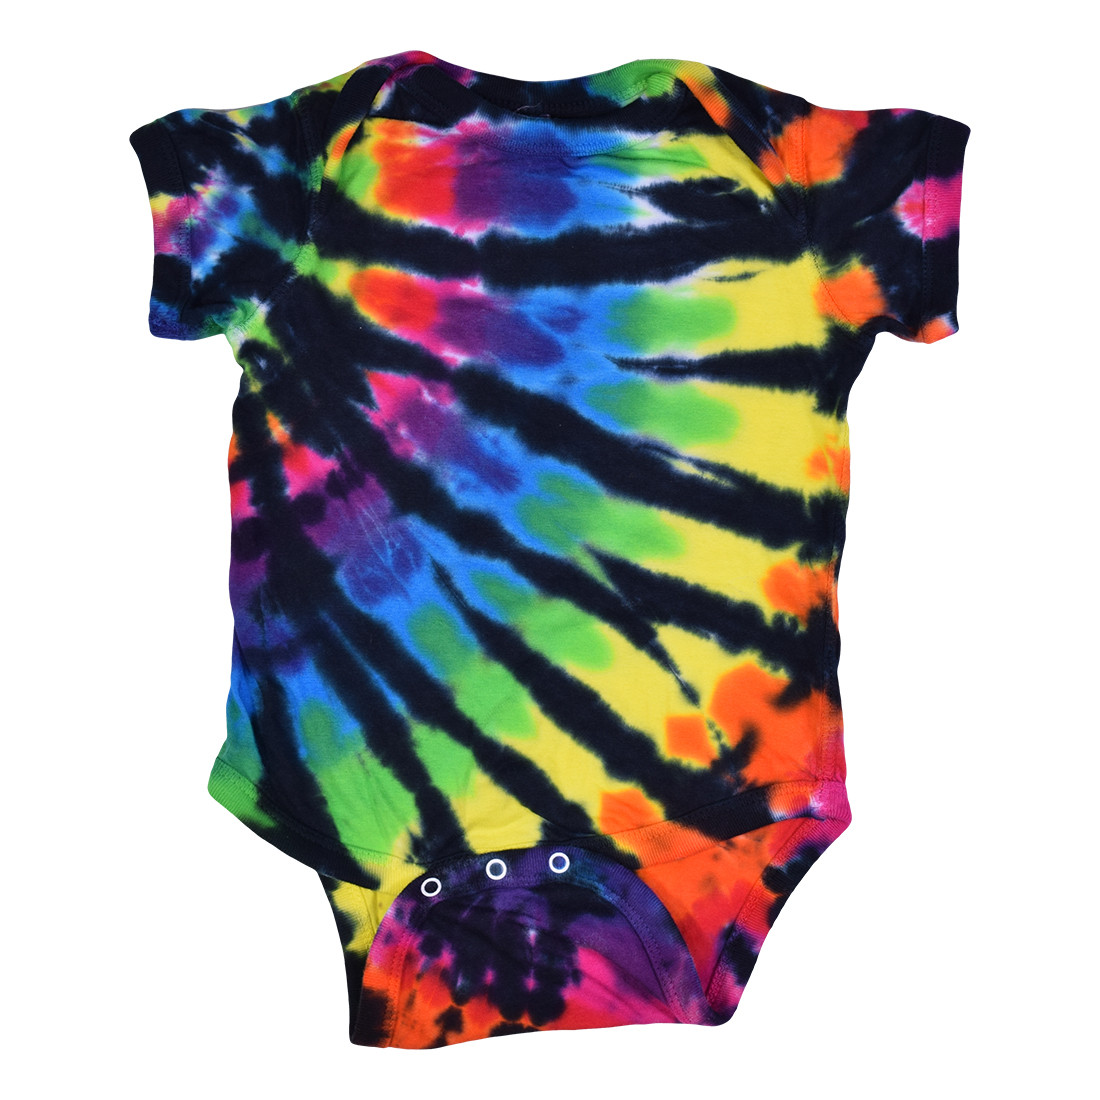 Rainbow Black Streak Tie-Dye Onesie